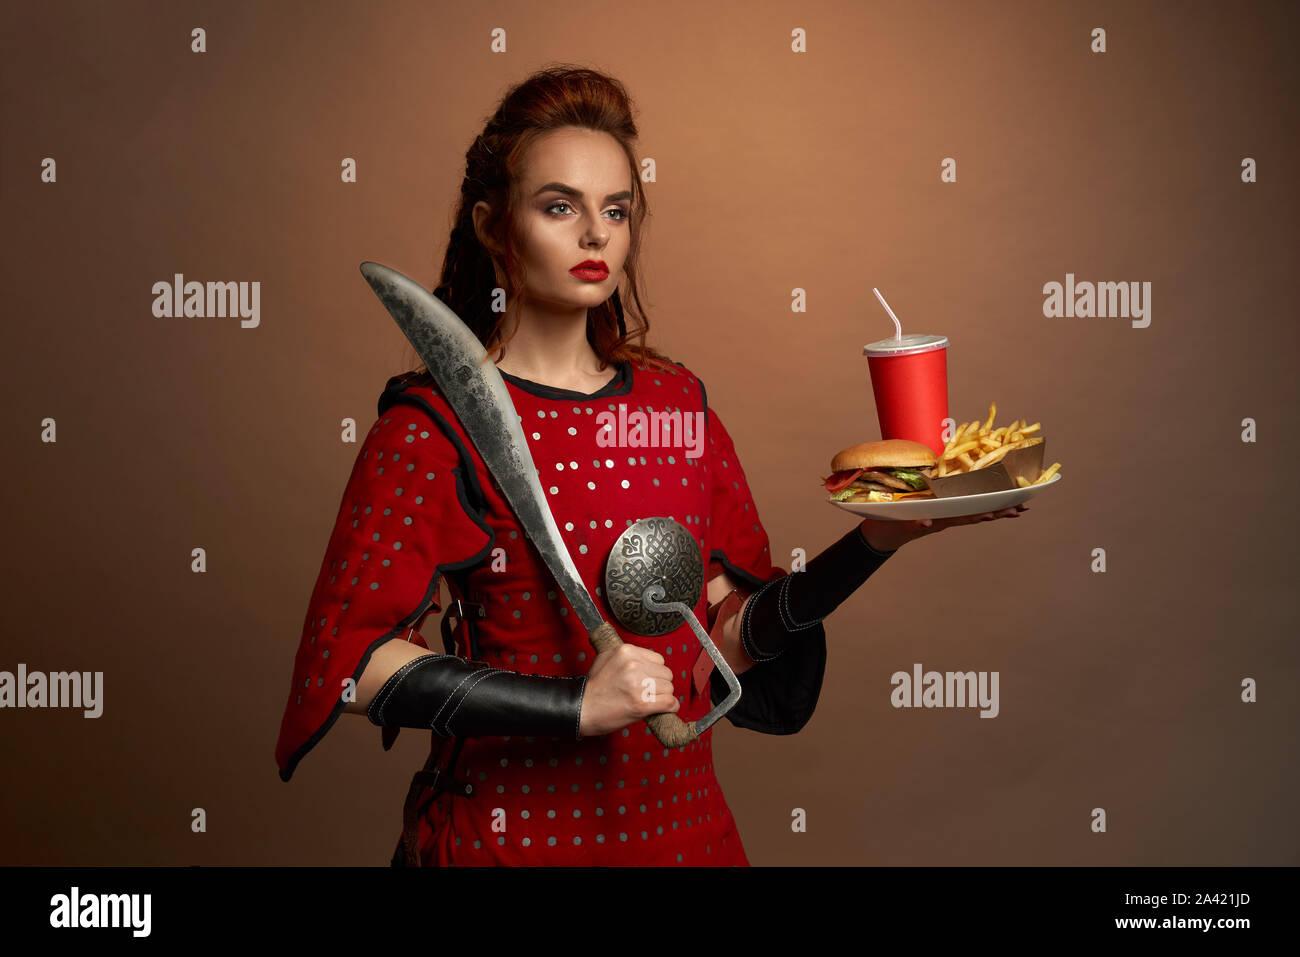 Belle femme fighter en armure rouge garder grand couteau et la plaque avec la restauration rapide en studio. Femme déterminée à côté et posant avec un hamburger et une pomme de terre. Concept de l'alimentation des héros. Banque D'Images